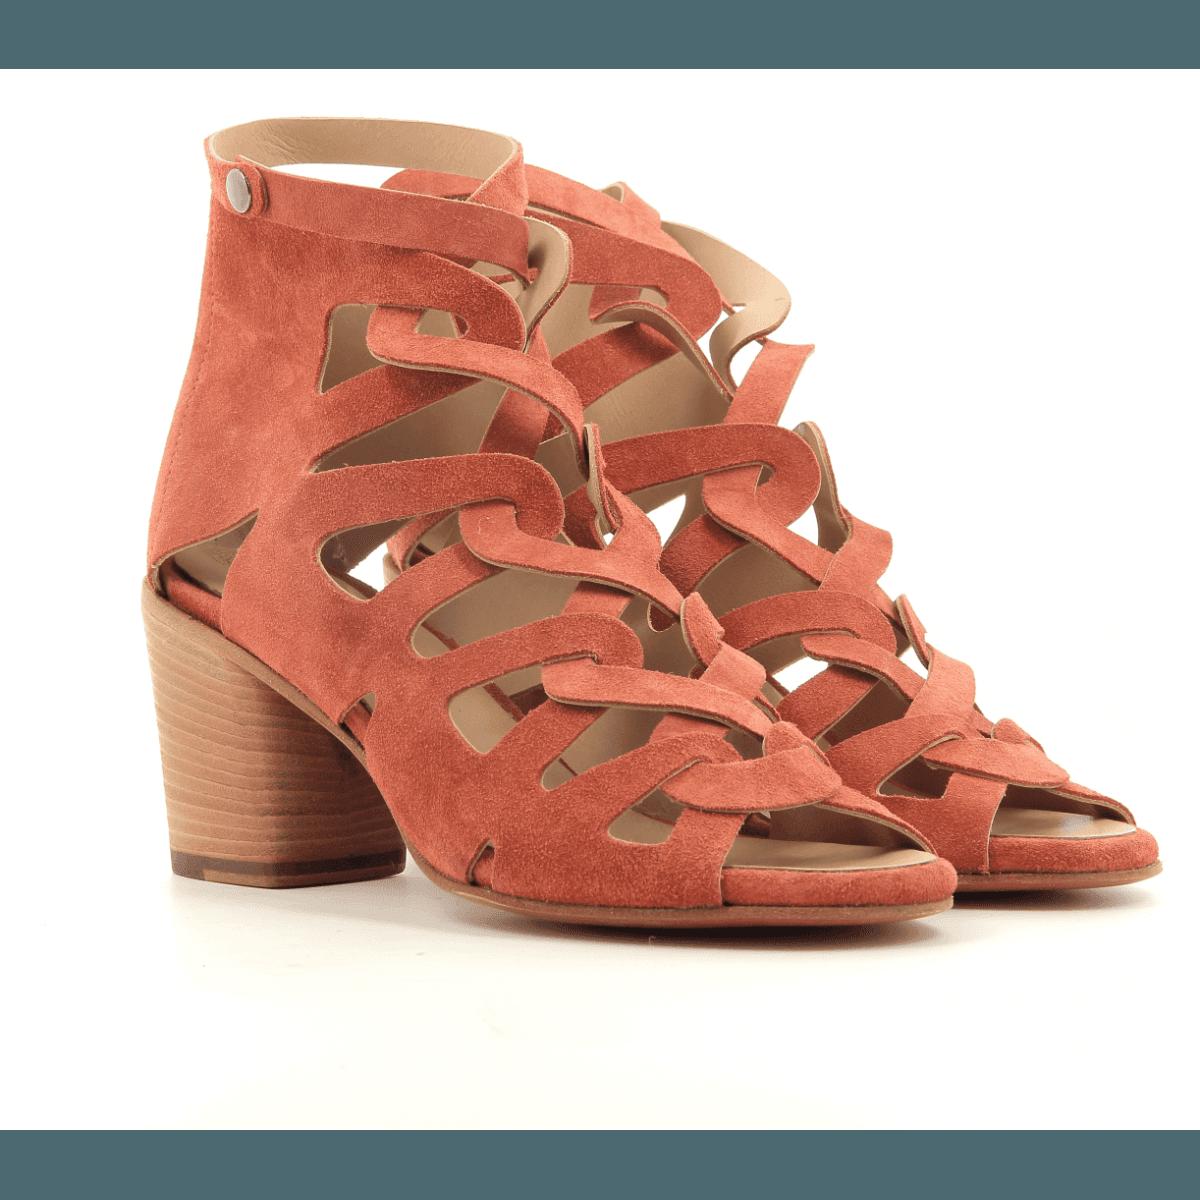 Sandales à talon bottier en suede orange Alberto Fasciani - XENIA 52028